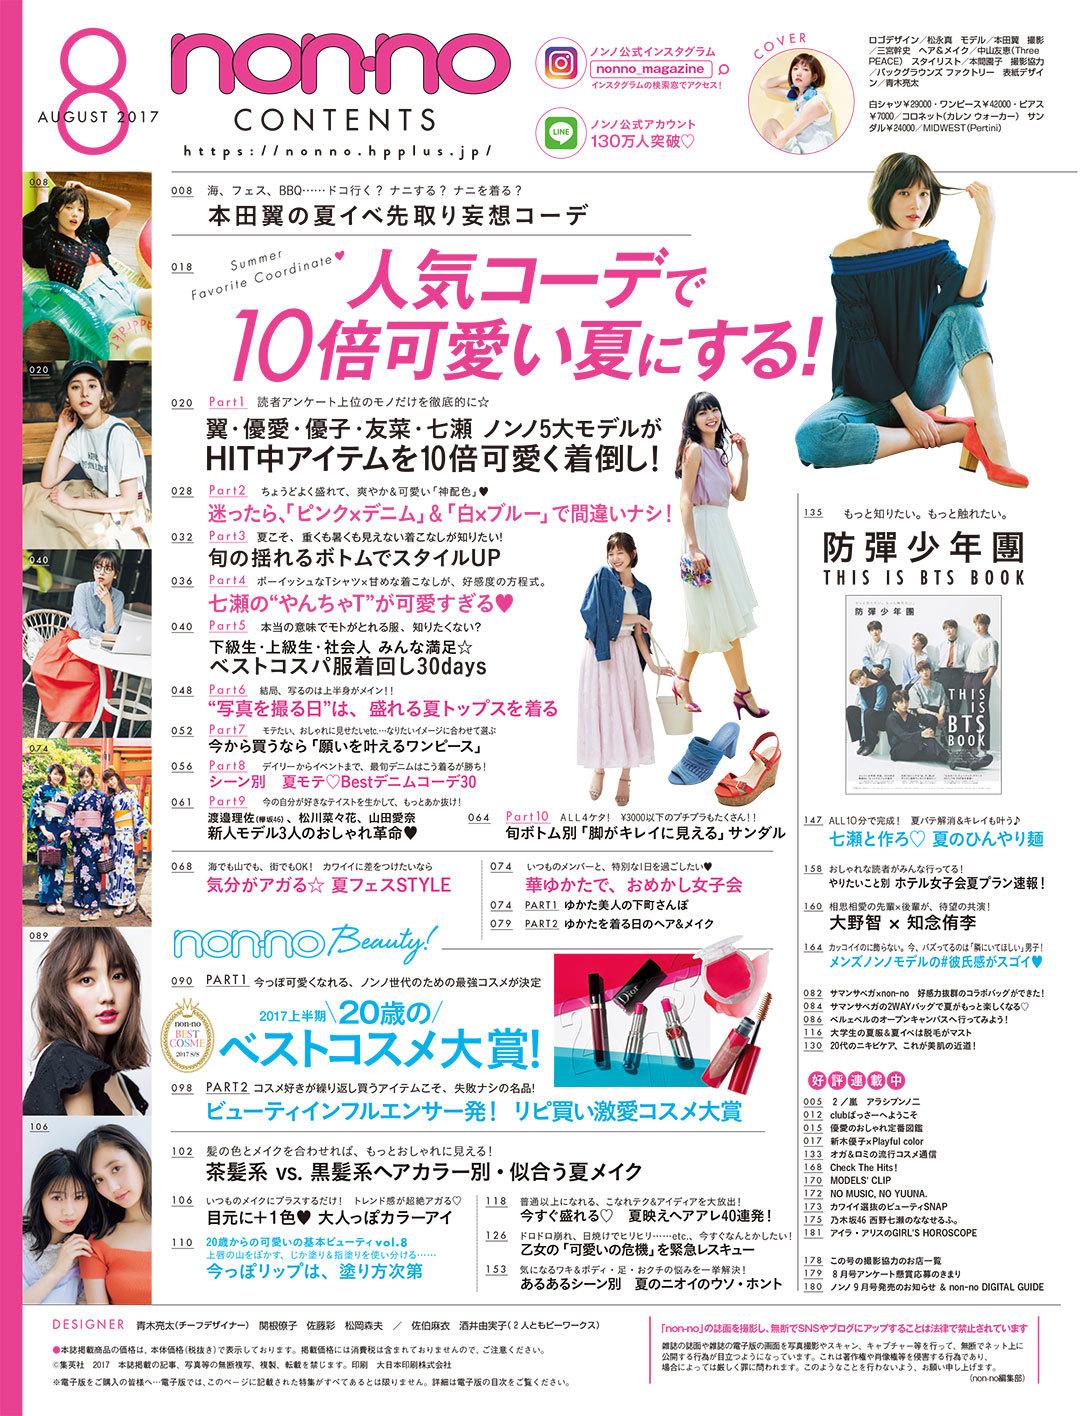 8月号発売! 夏コーデ&ベスコス&ゆかた&防彈少年團までチェック!_1_9